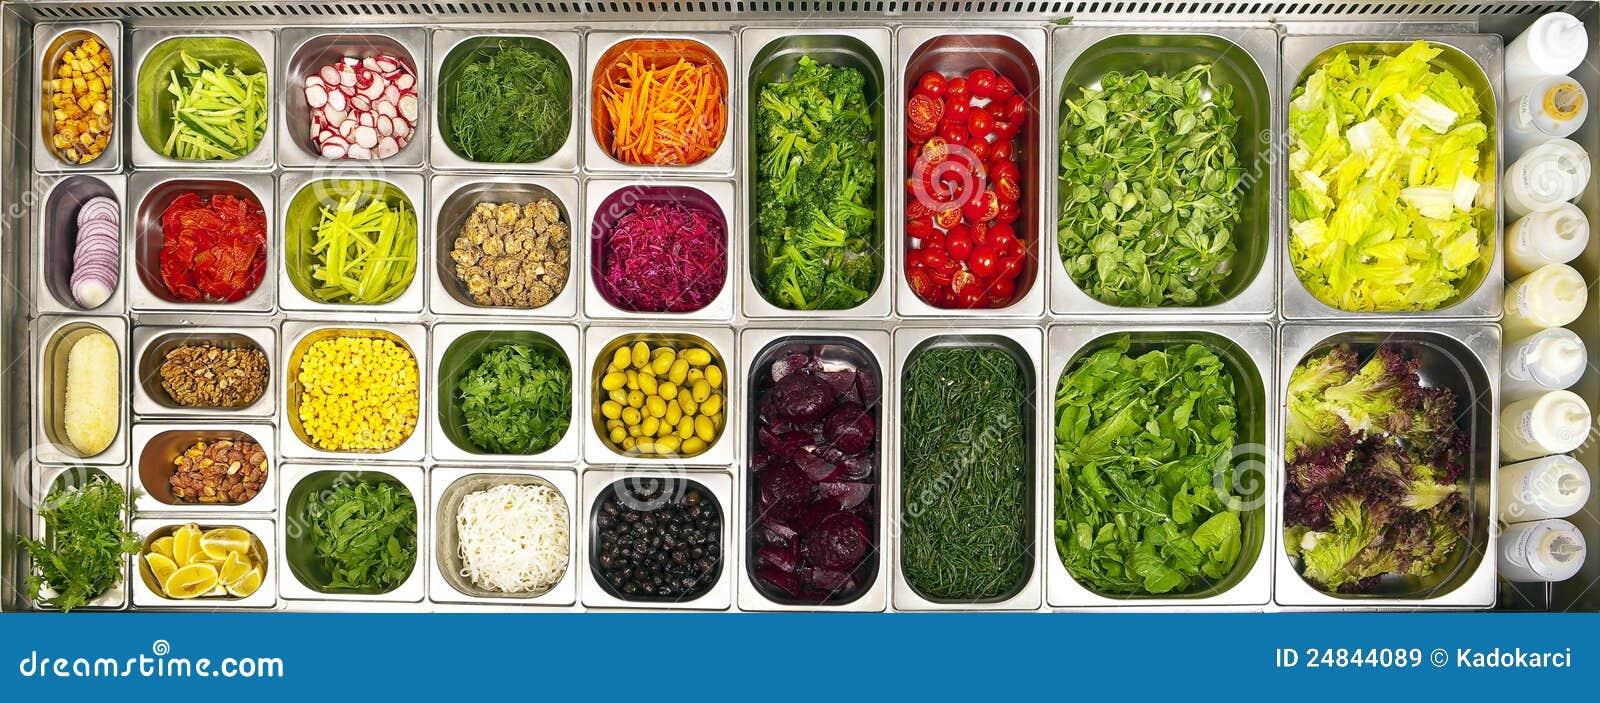 Abra a barra de salada do bufete